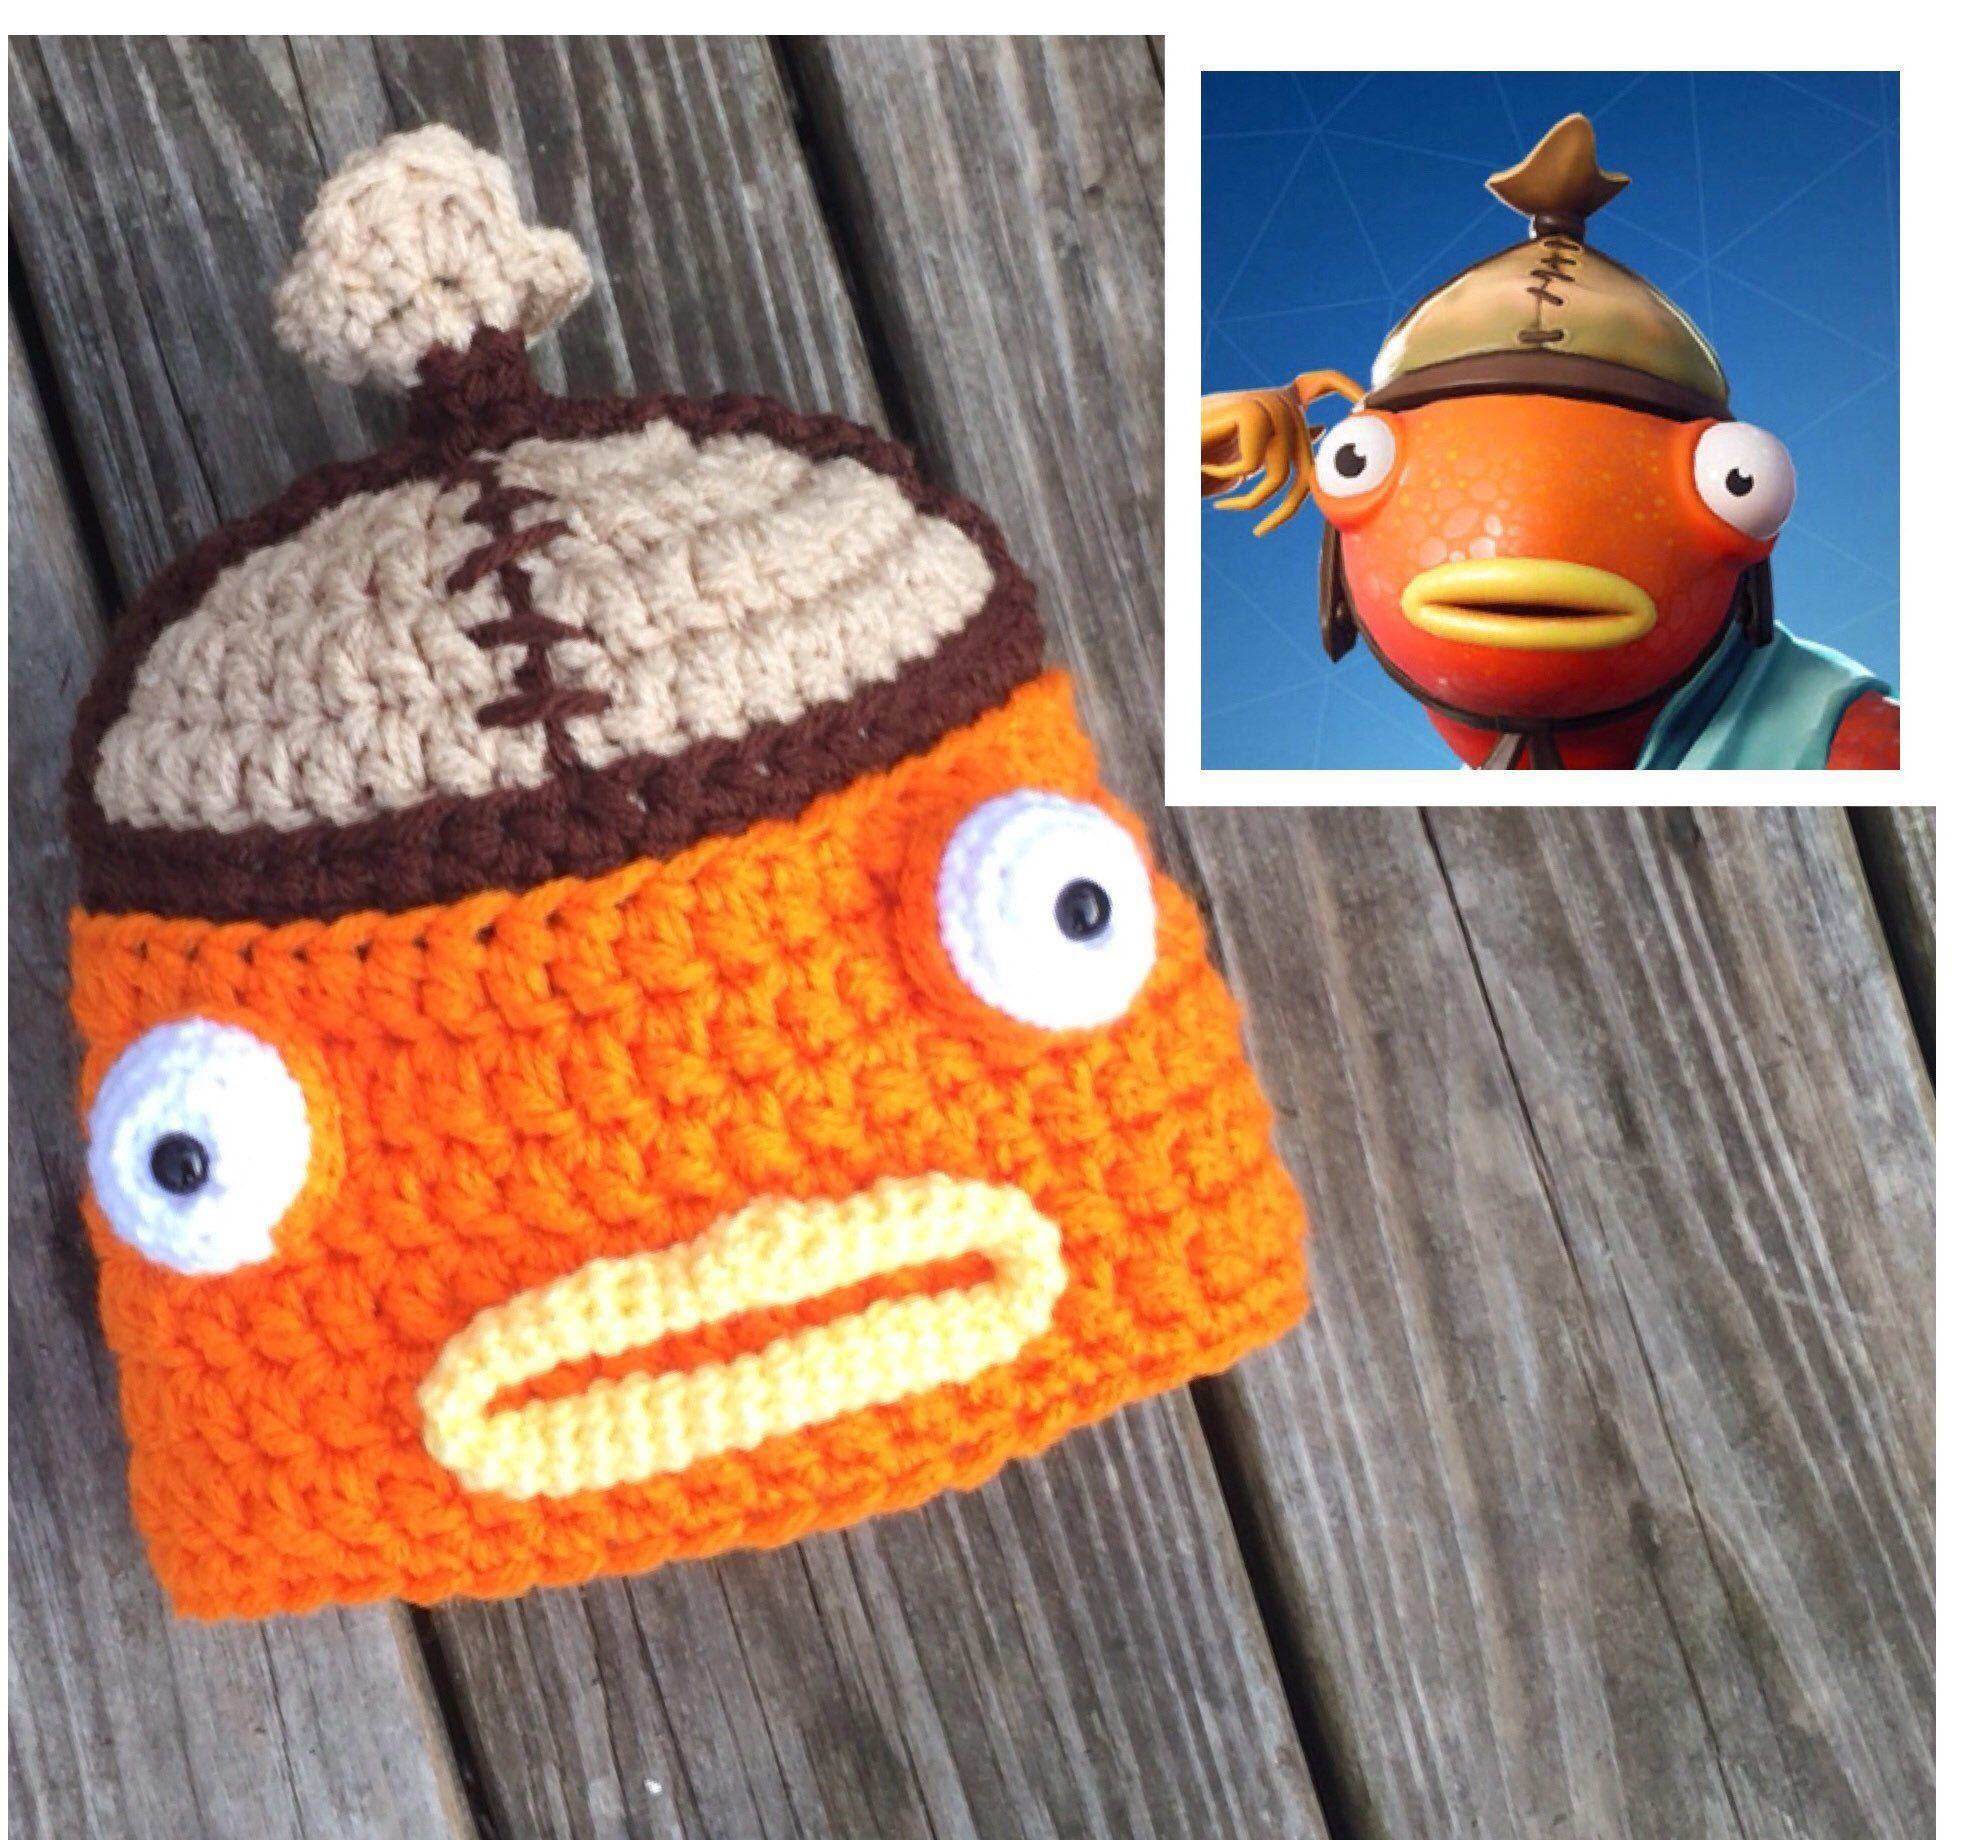 Fish Hat Gamer Skin Gamer Gift Fishstick Video Game Hat Orange 1973x1840